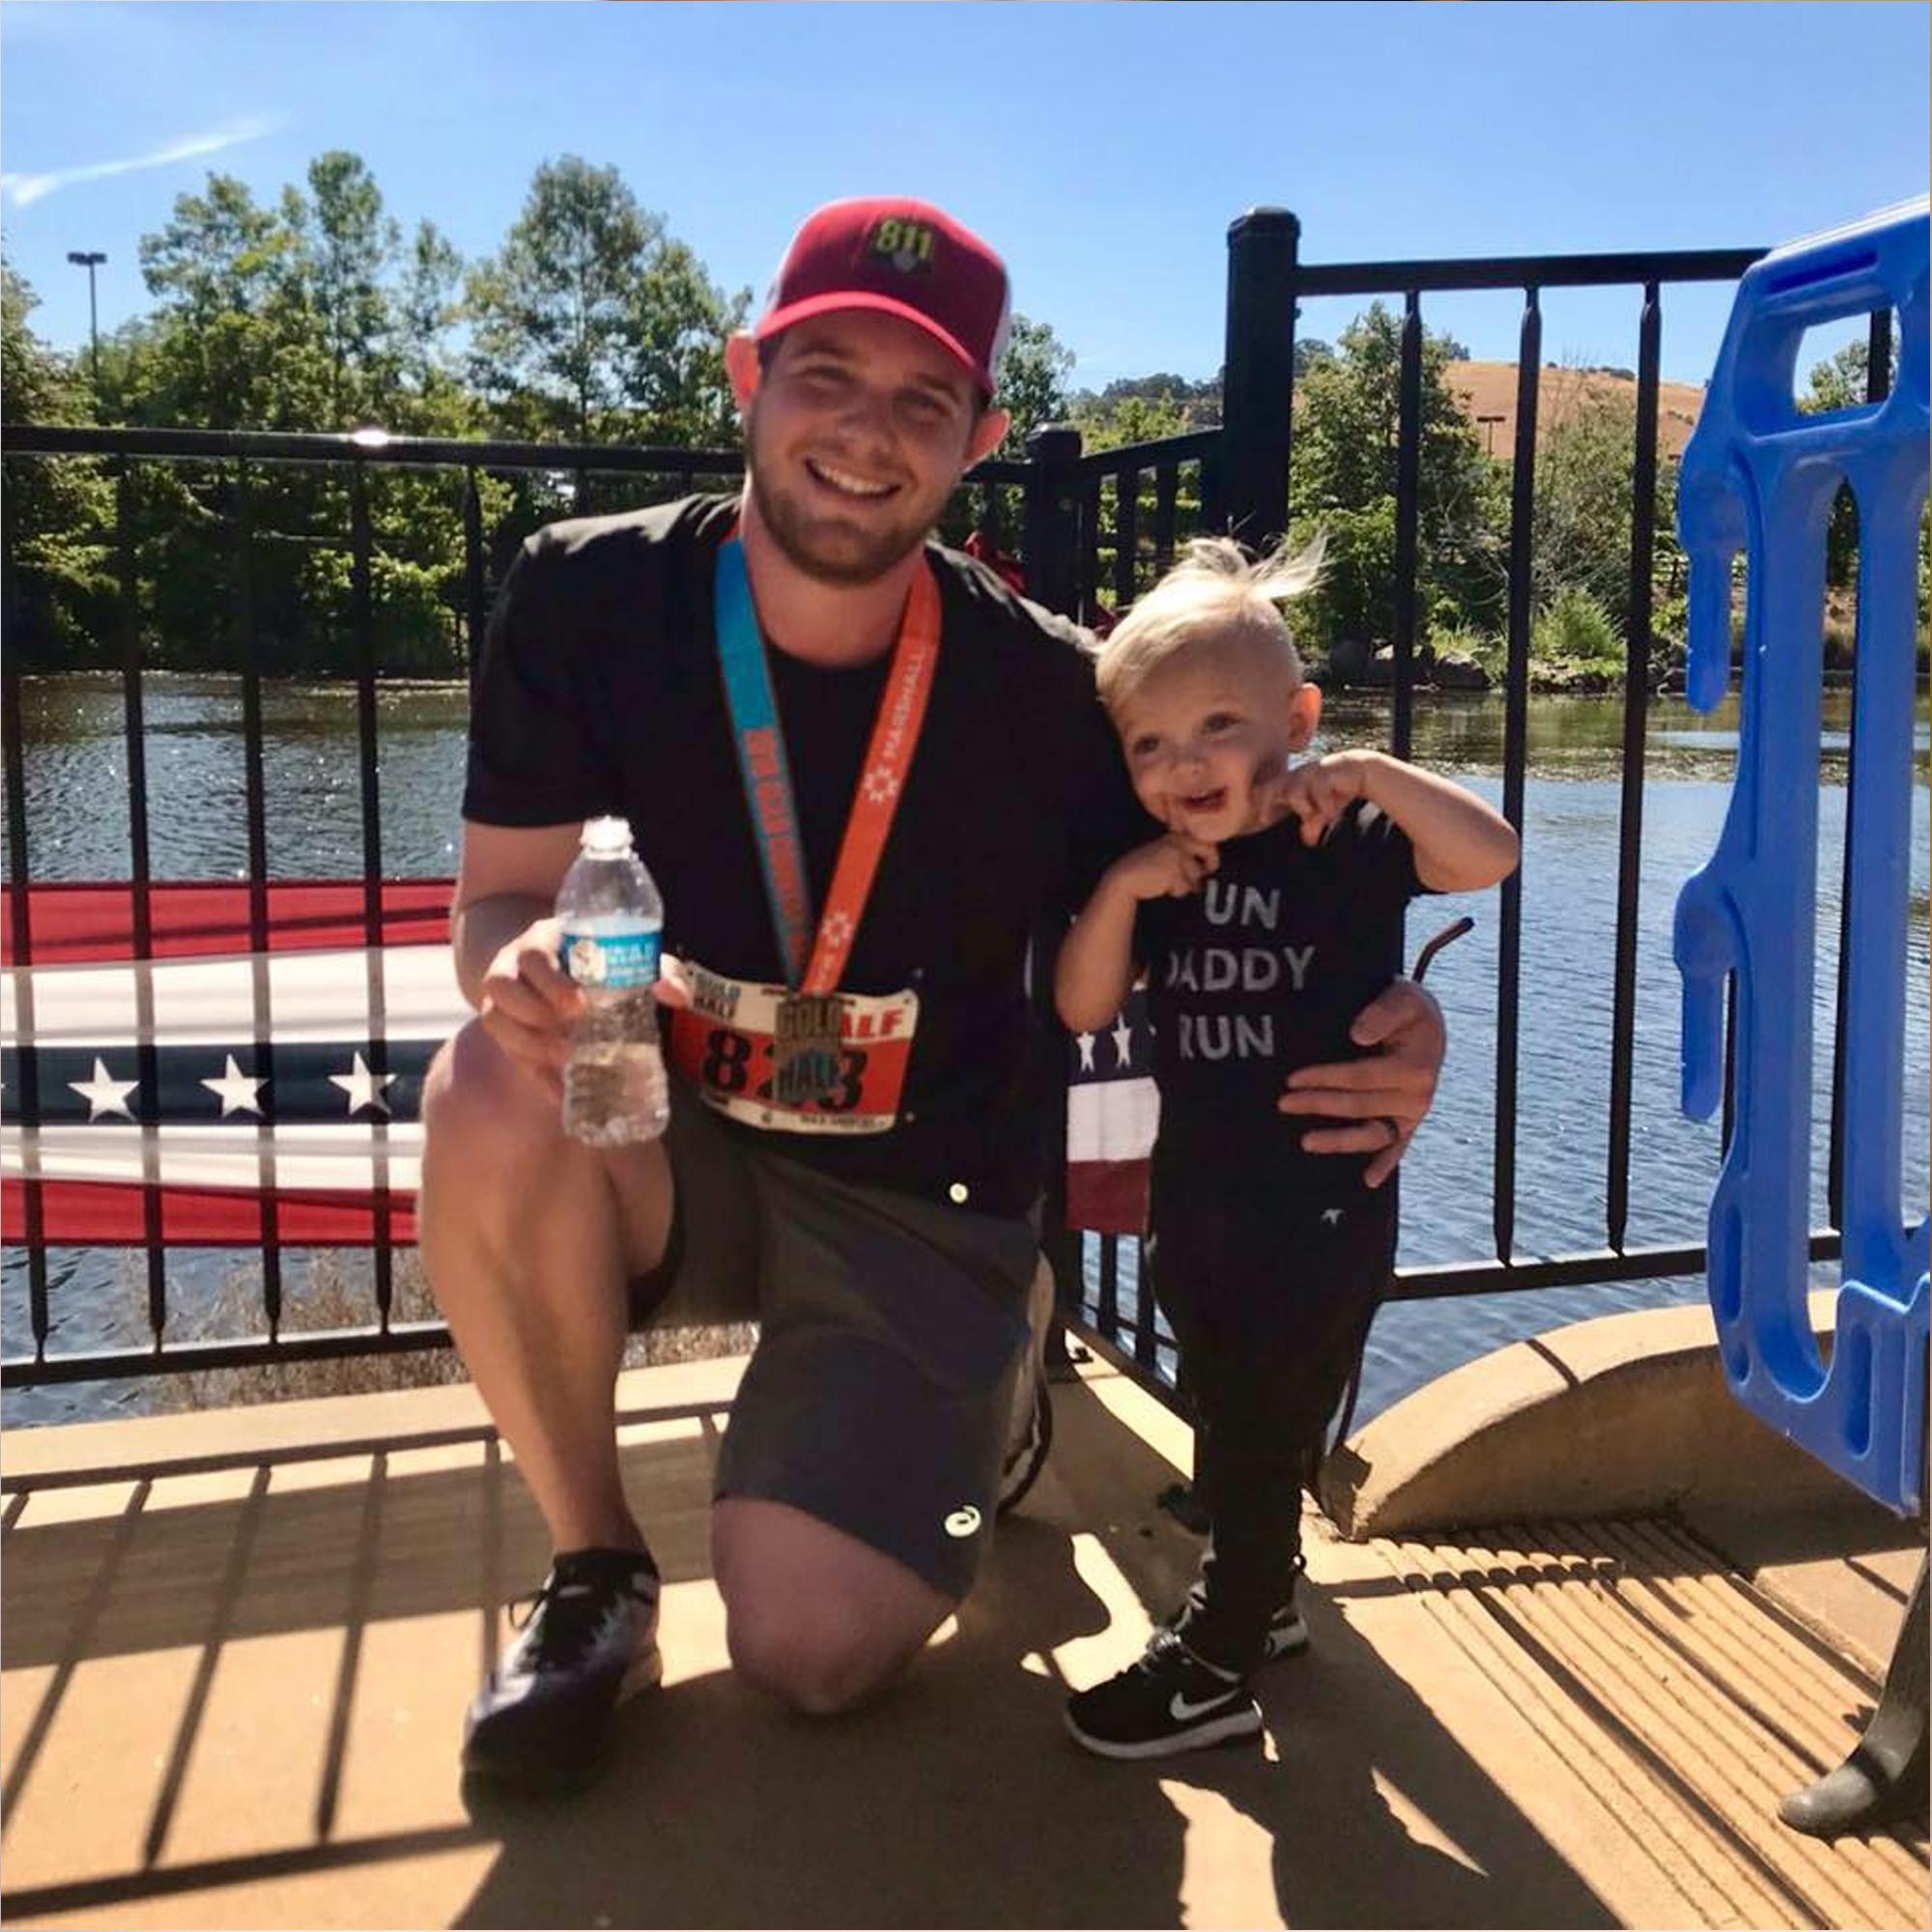 Jon Yetter half marathon